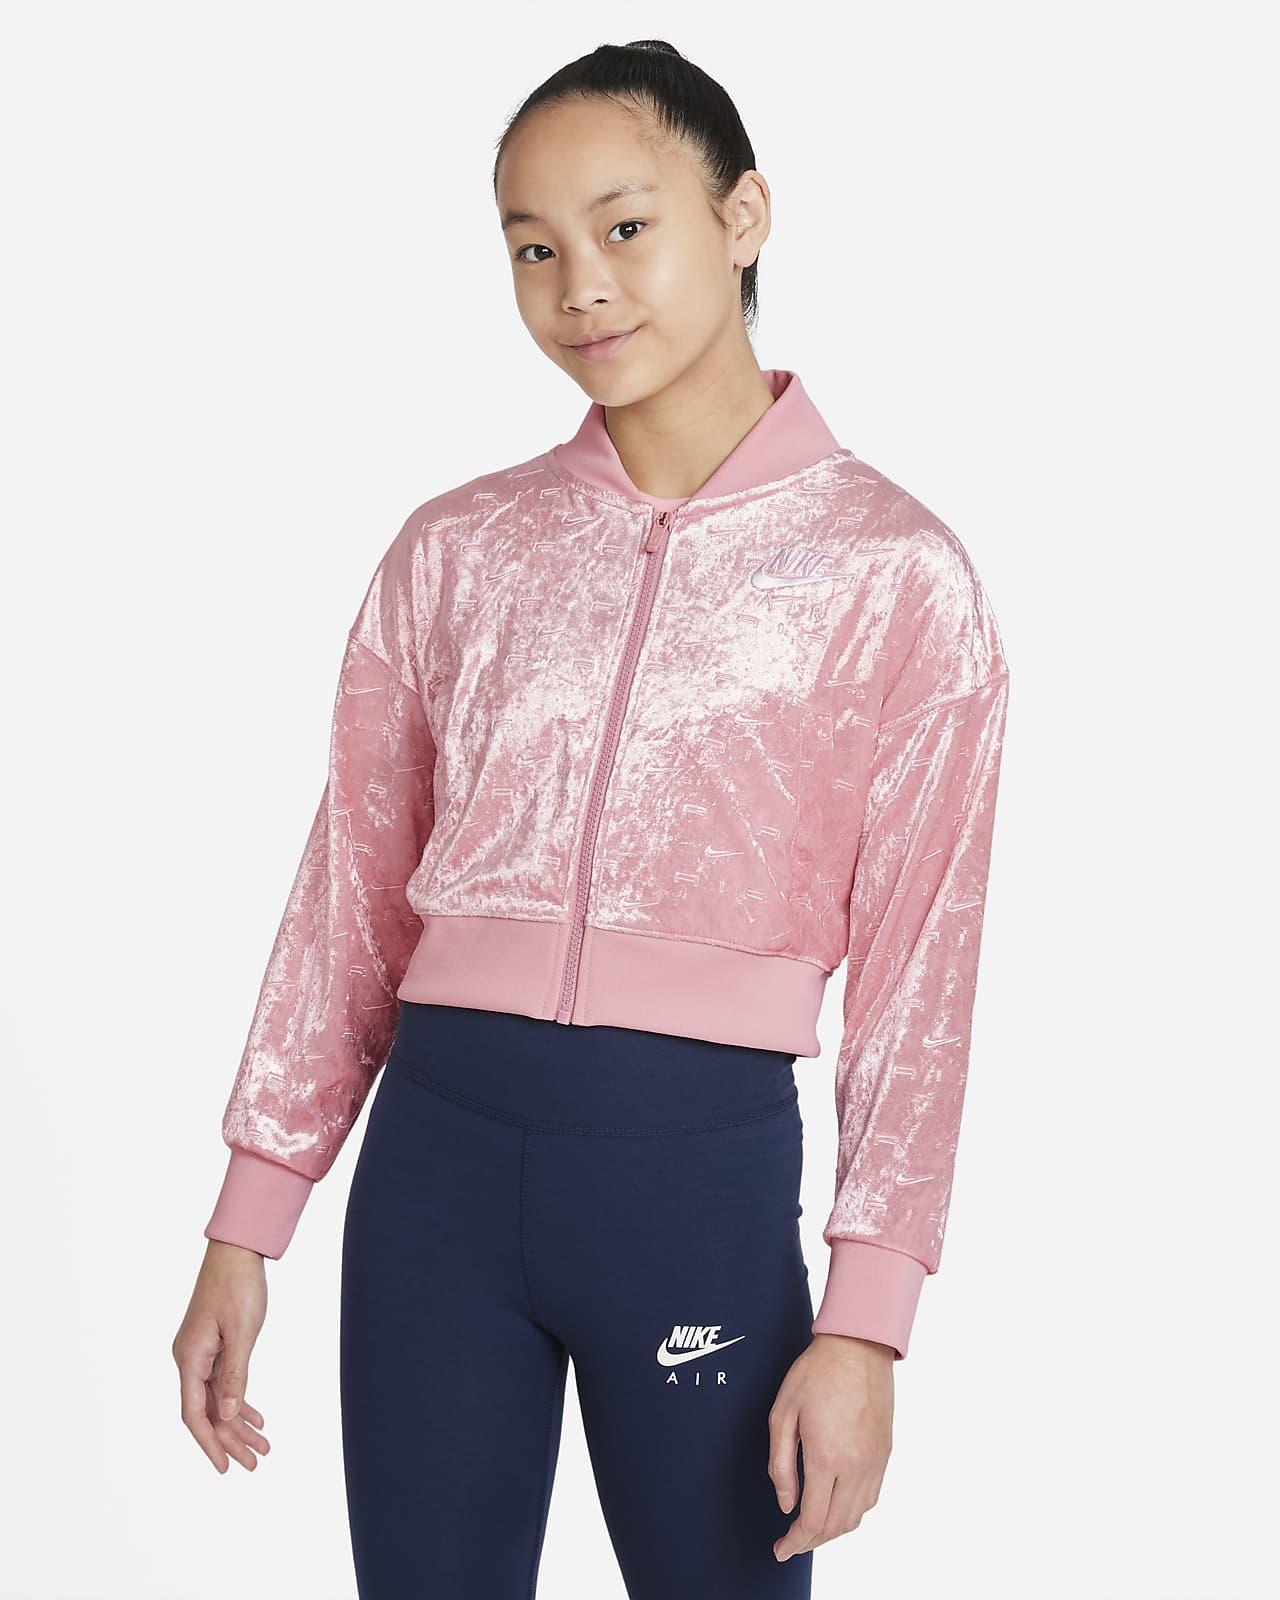 Nike Air Big Kids' (Girls') Crop Jacket